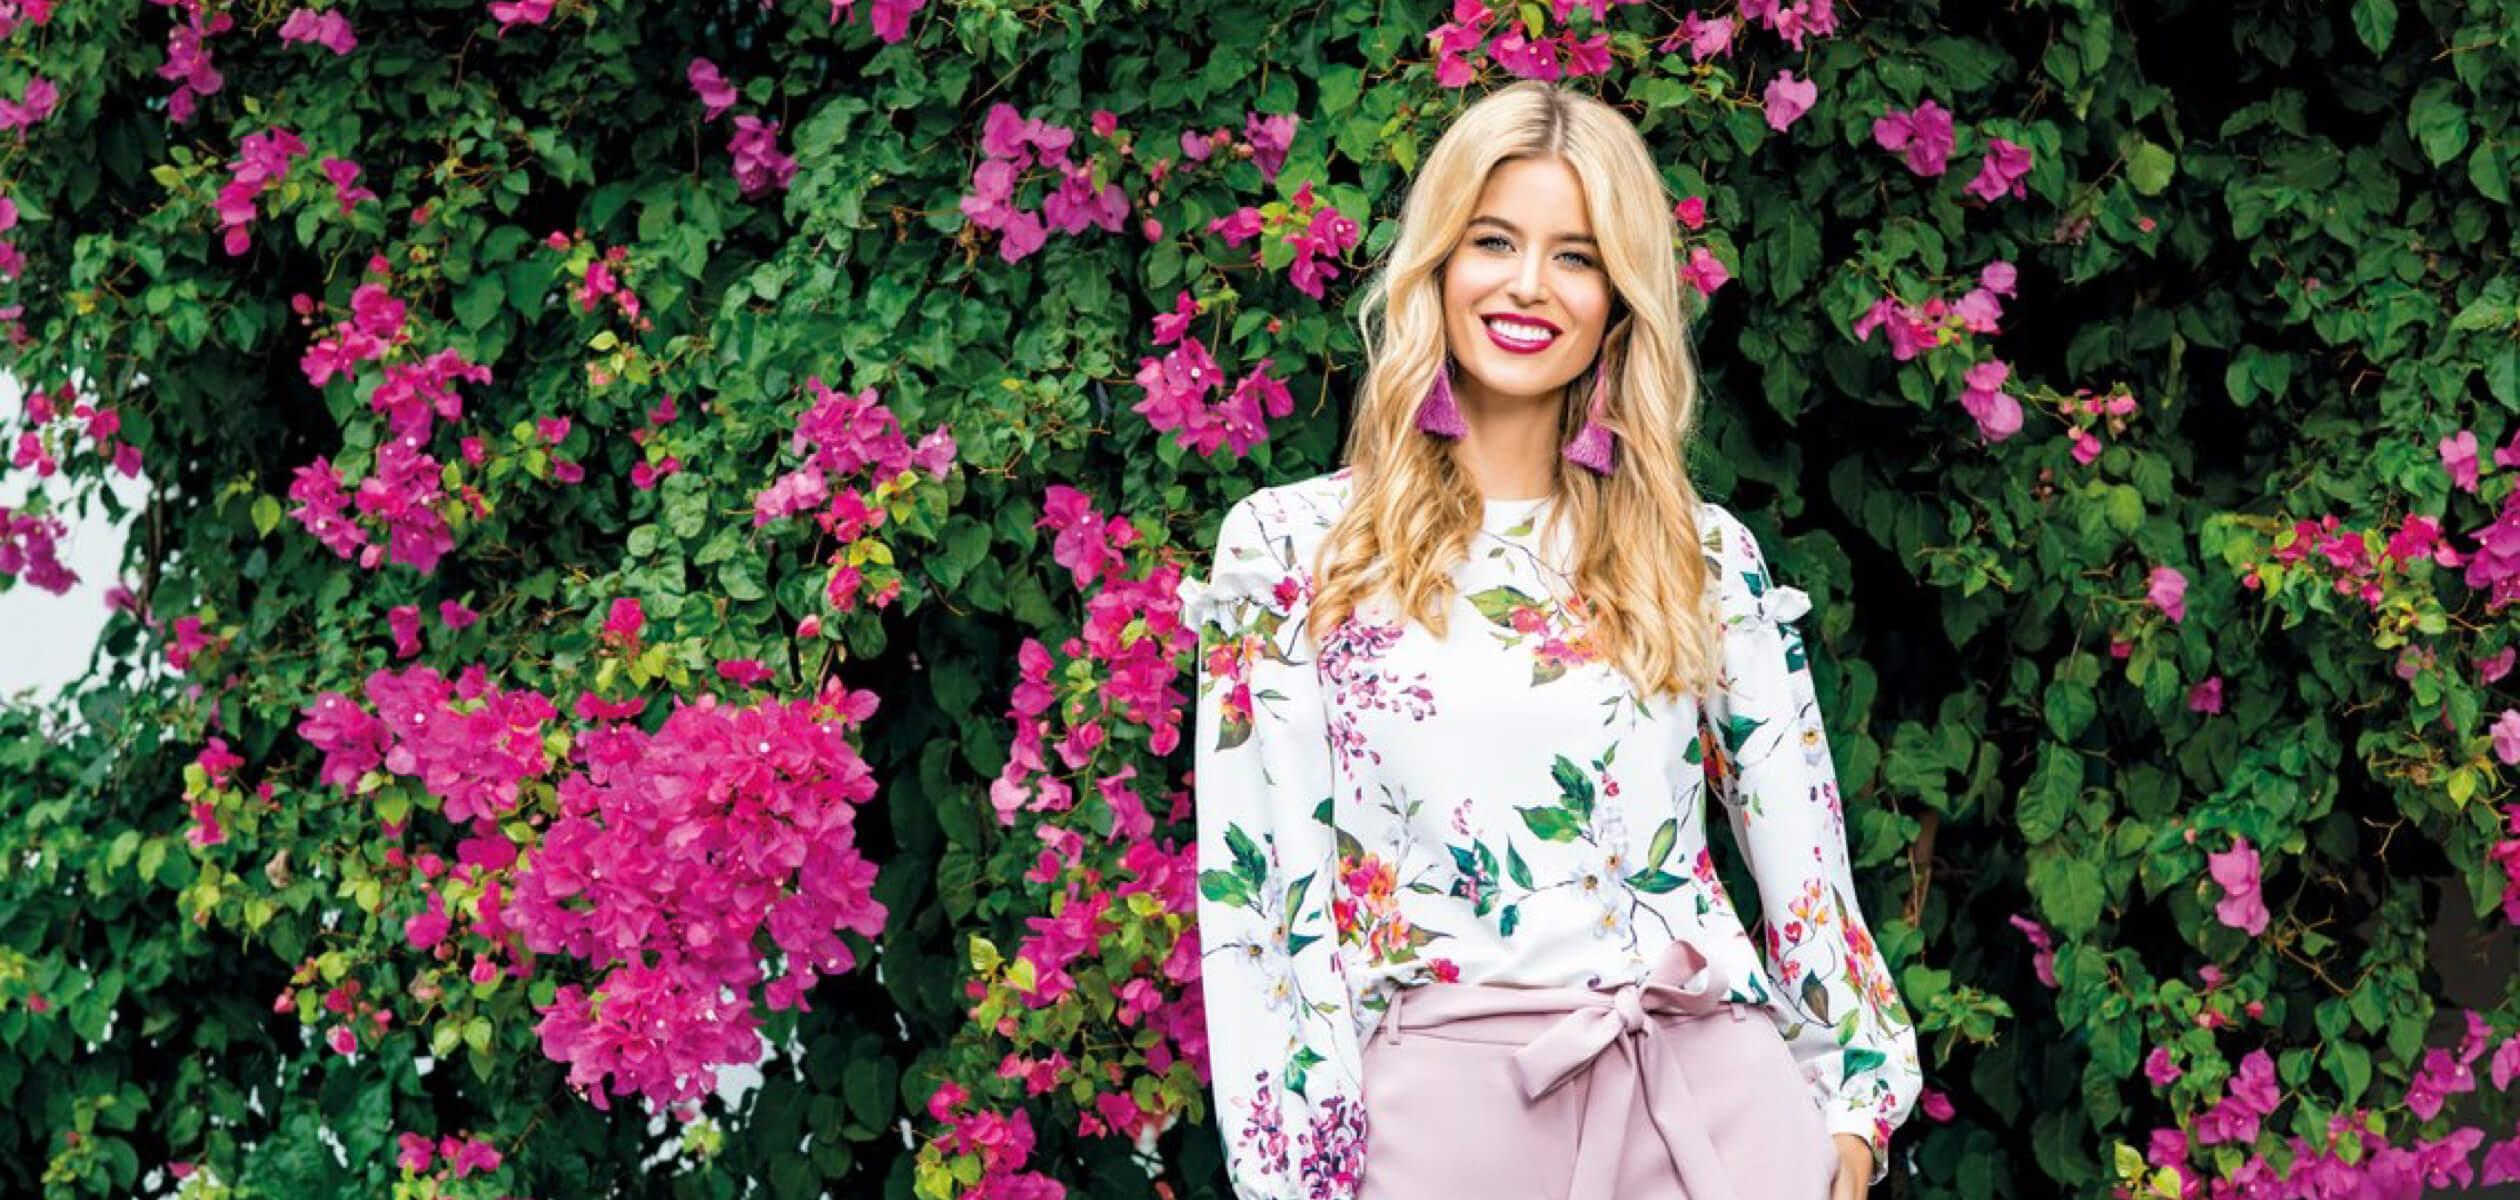 Улыбающаяся блондинка с яркими губами и большими розовыми серьгами на фоне стены с живыми розовыми цветами